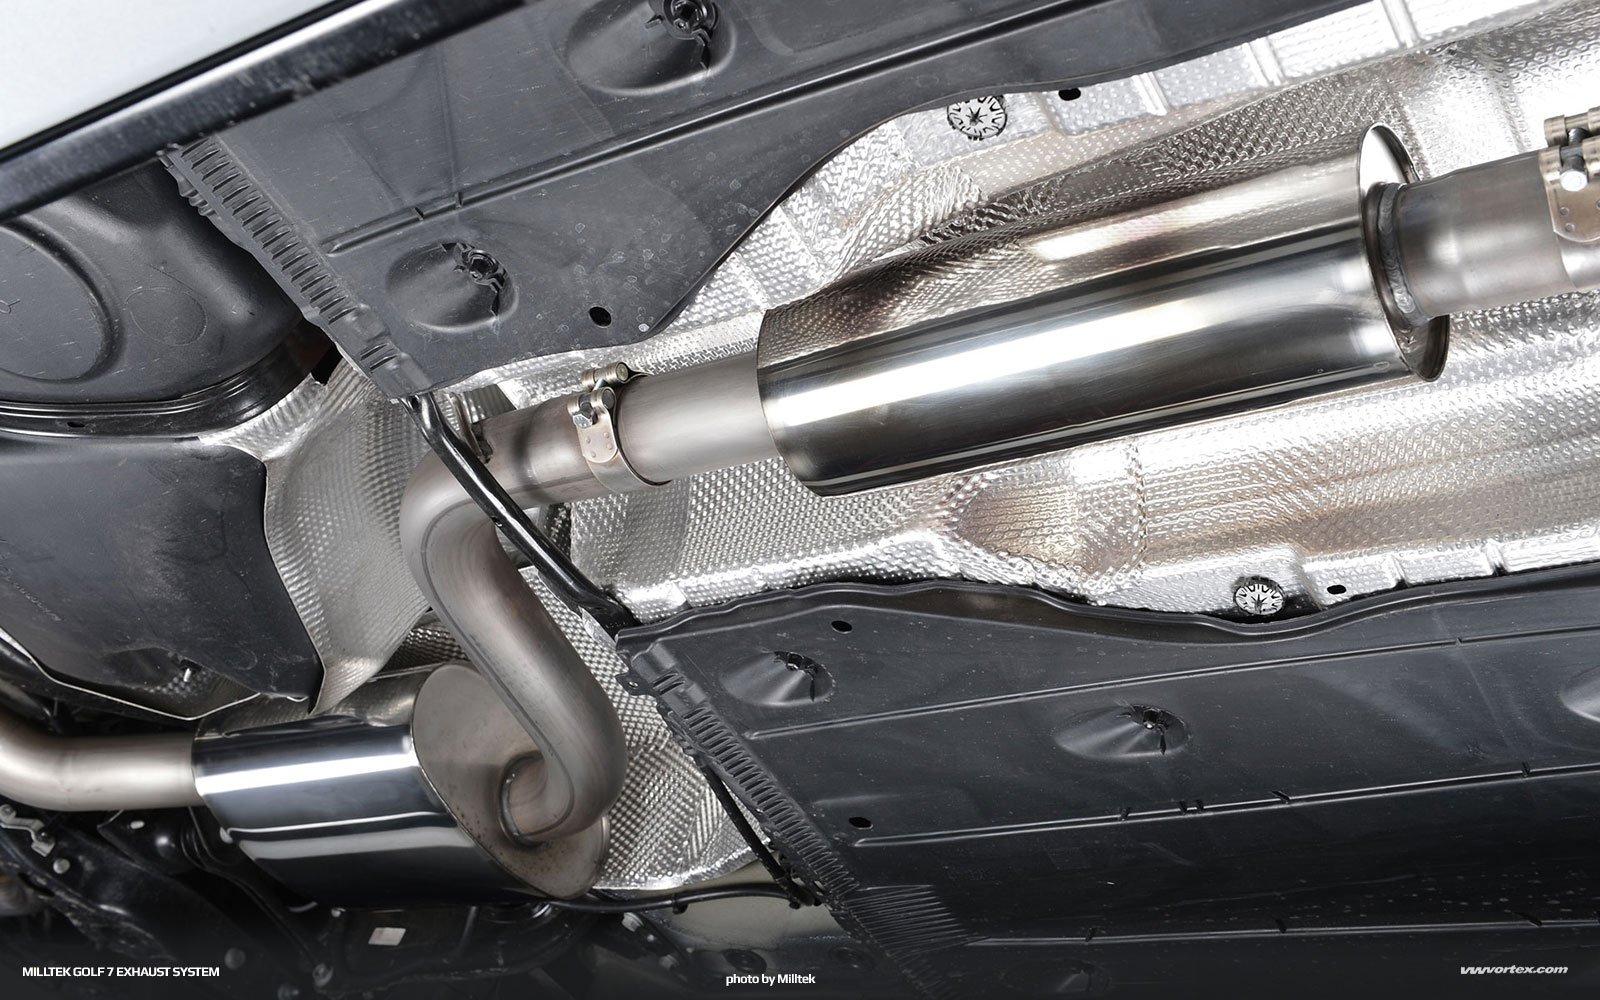 Milltek GTI 7 exhaust 2 150x150